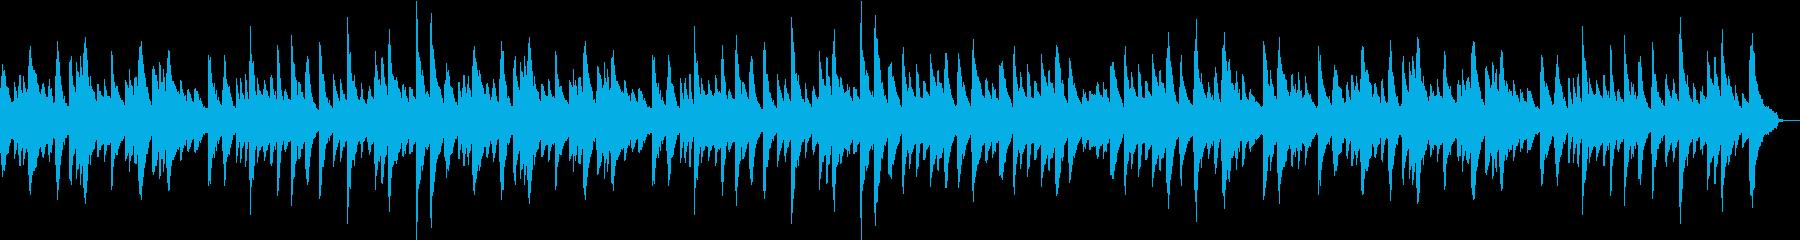 ほのぼのしたピアノソロの再生済みの波形